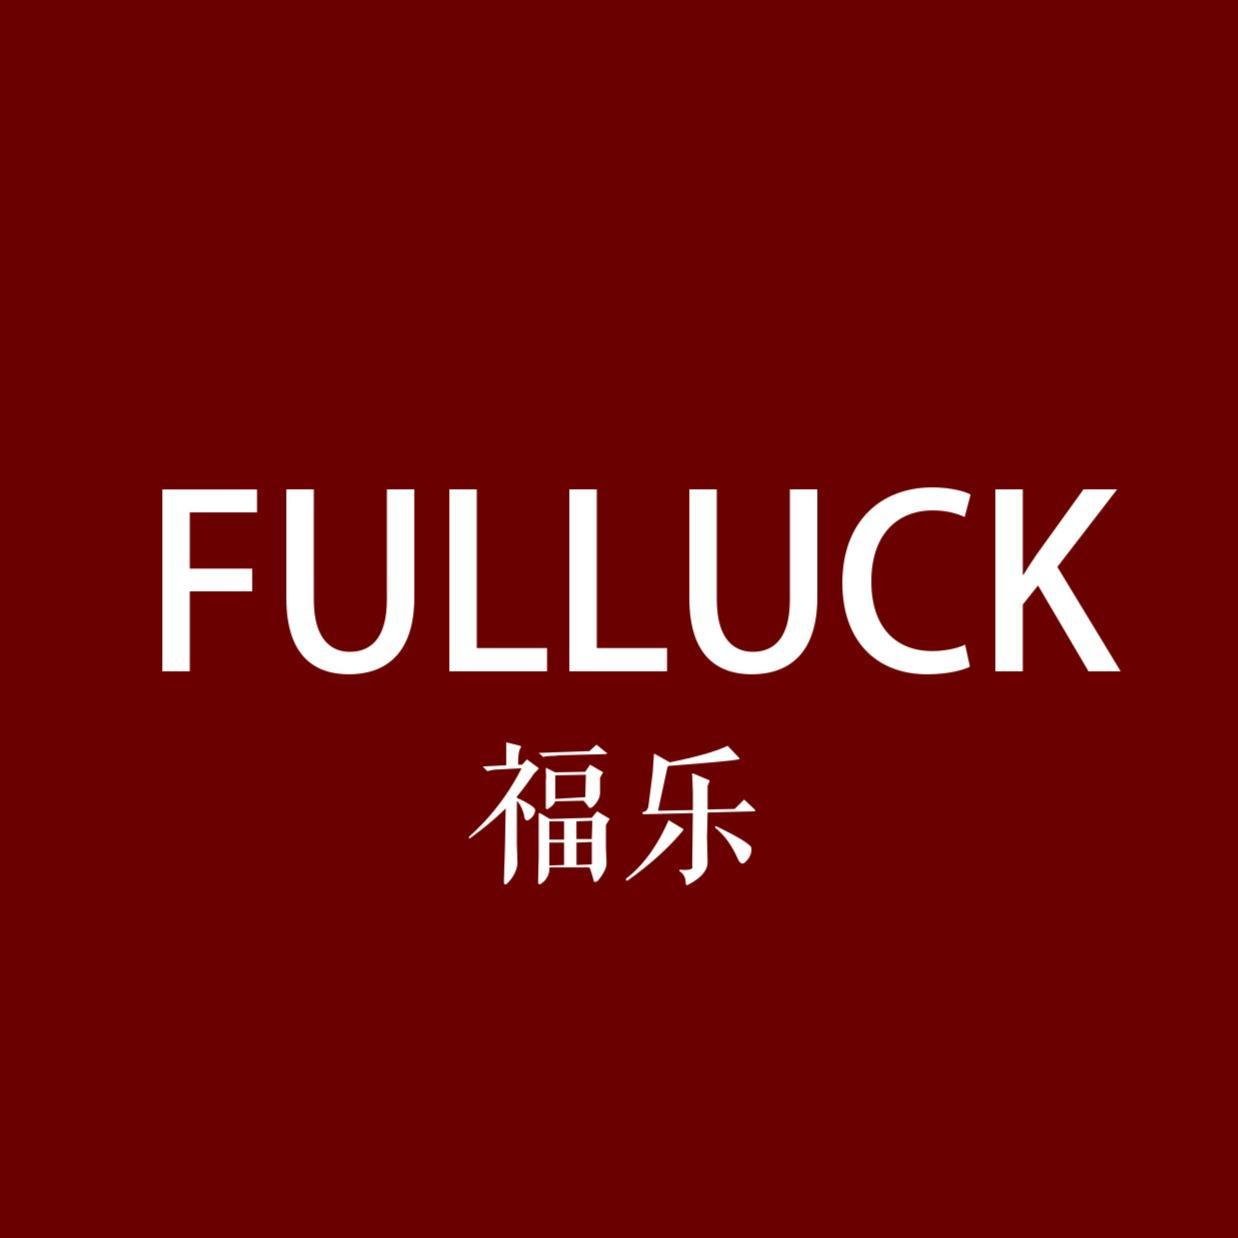 FULLUCK